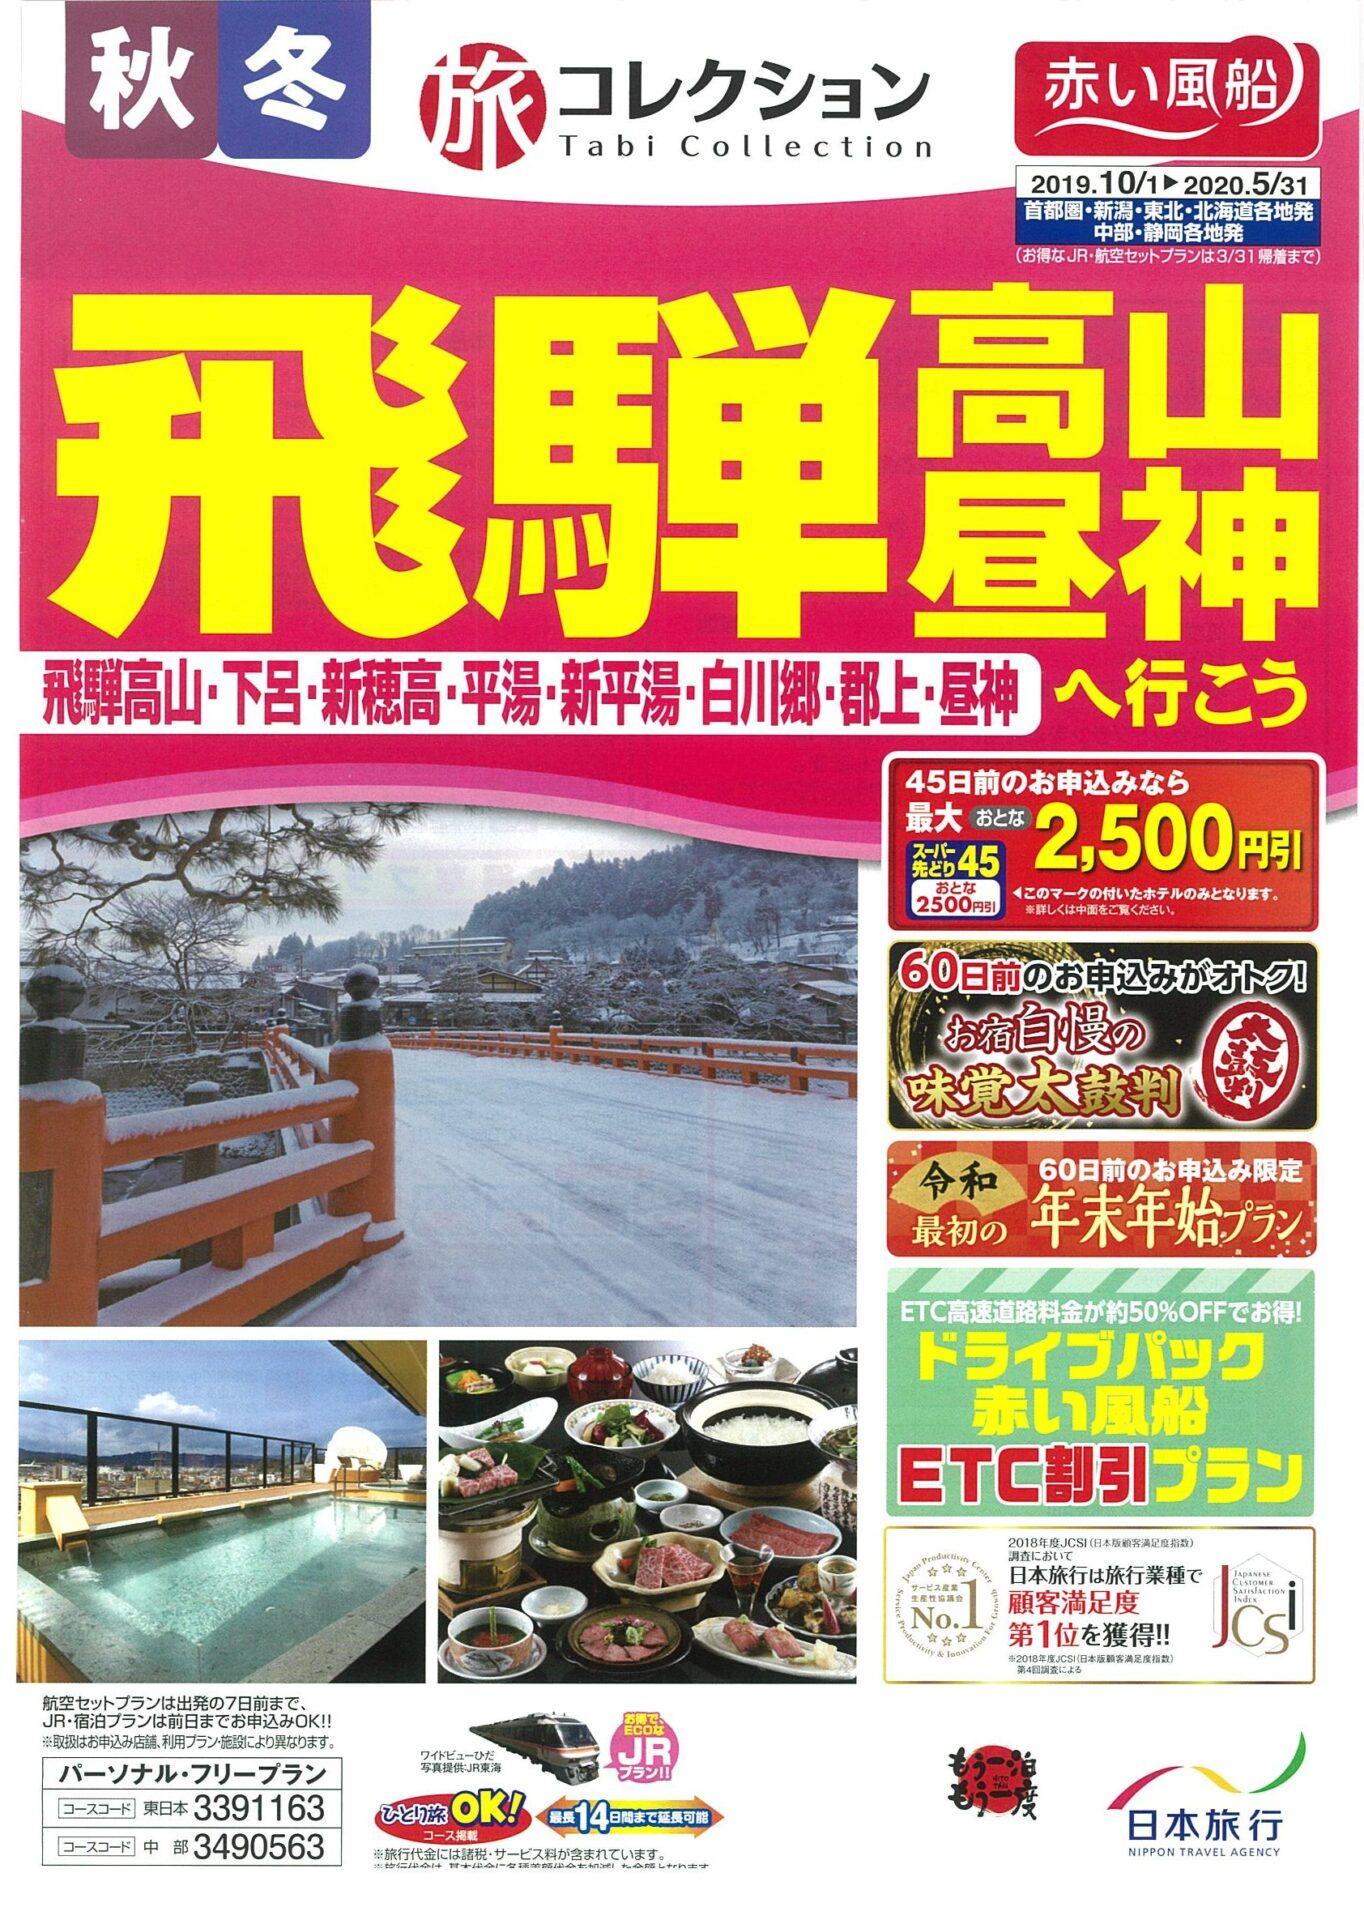 【旅コレクション】飛騨・高山・昼神へ行こう